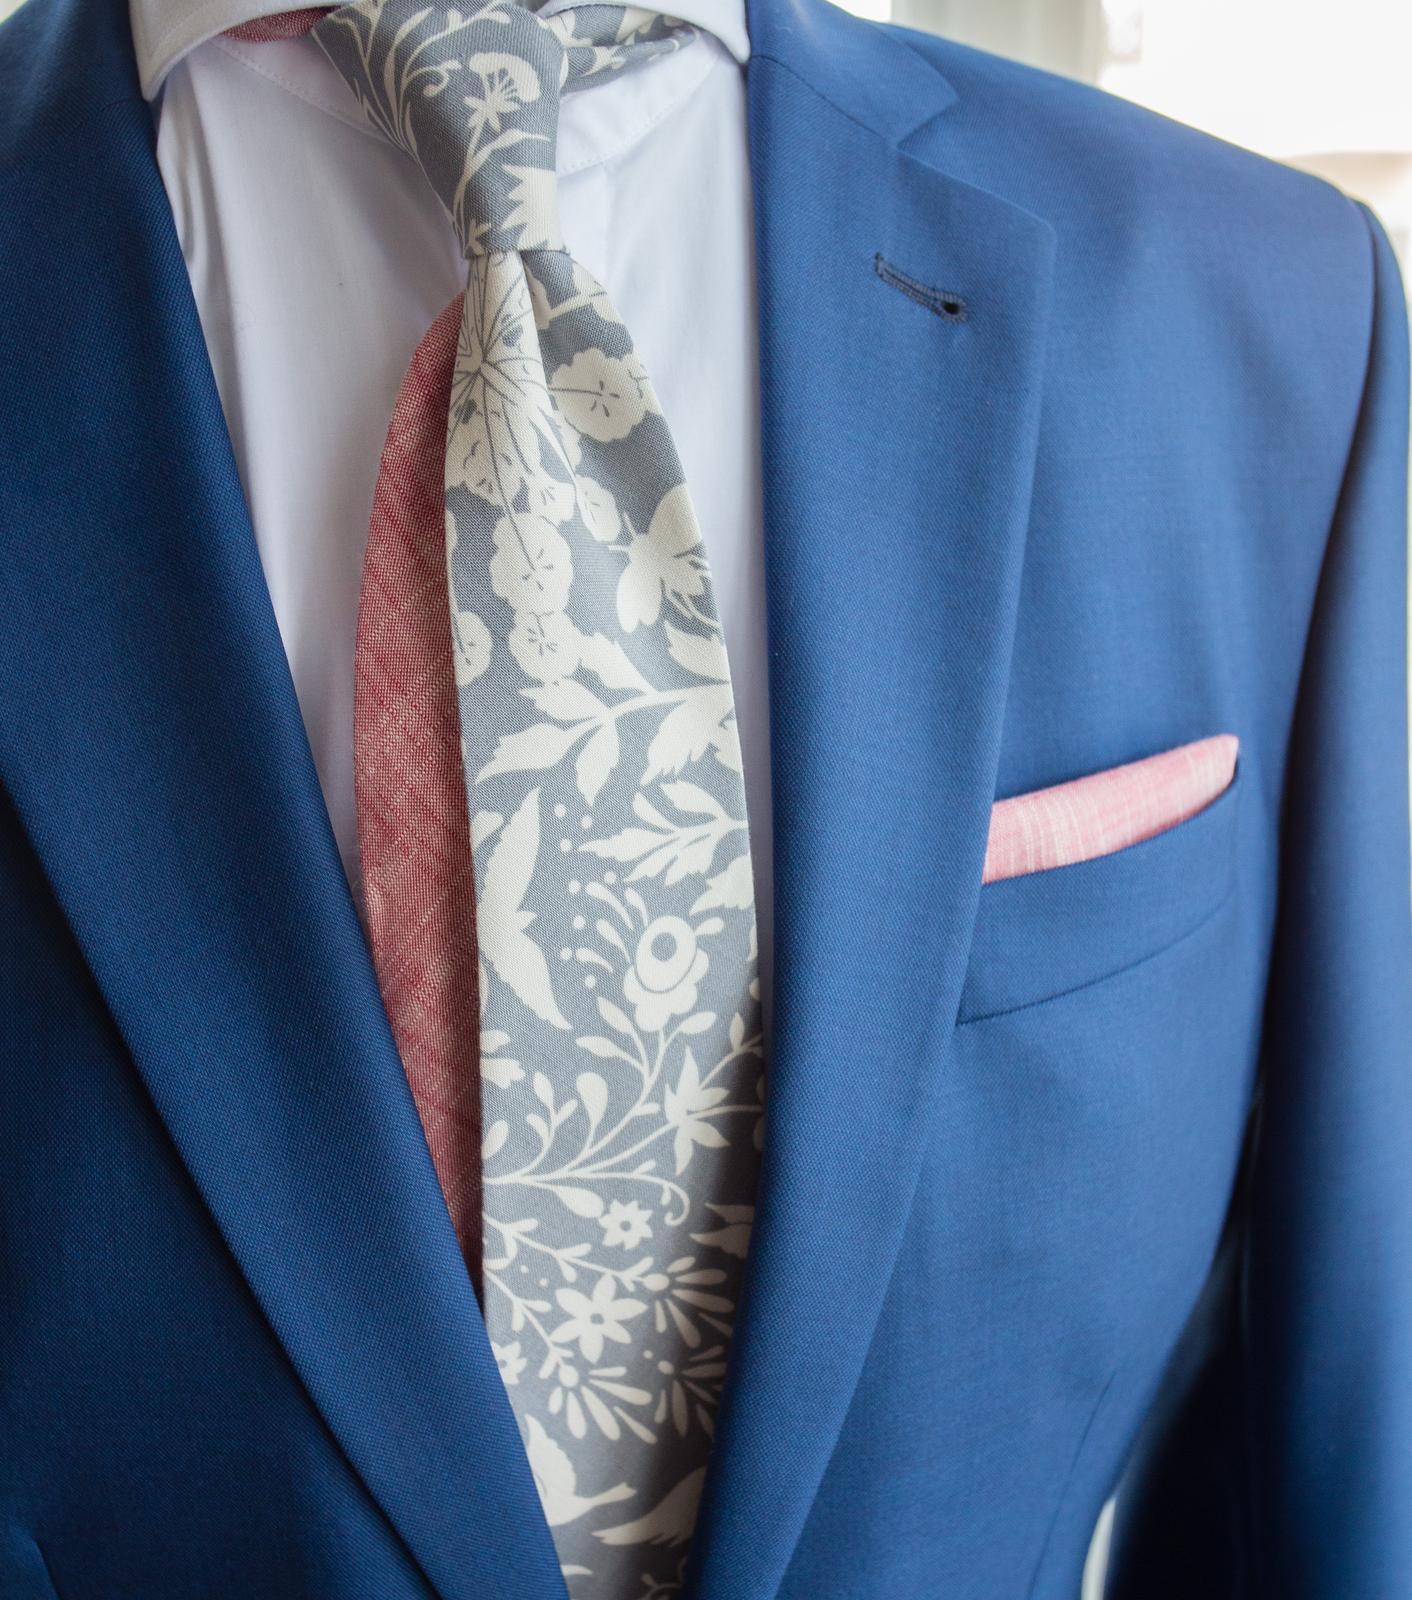 Červená pastelová kolekce kravat a motýlků - Twin kravata šedá s ornamentem.